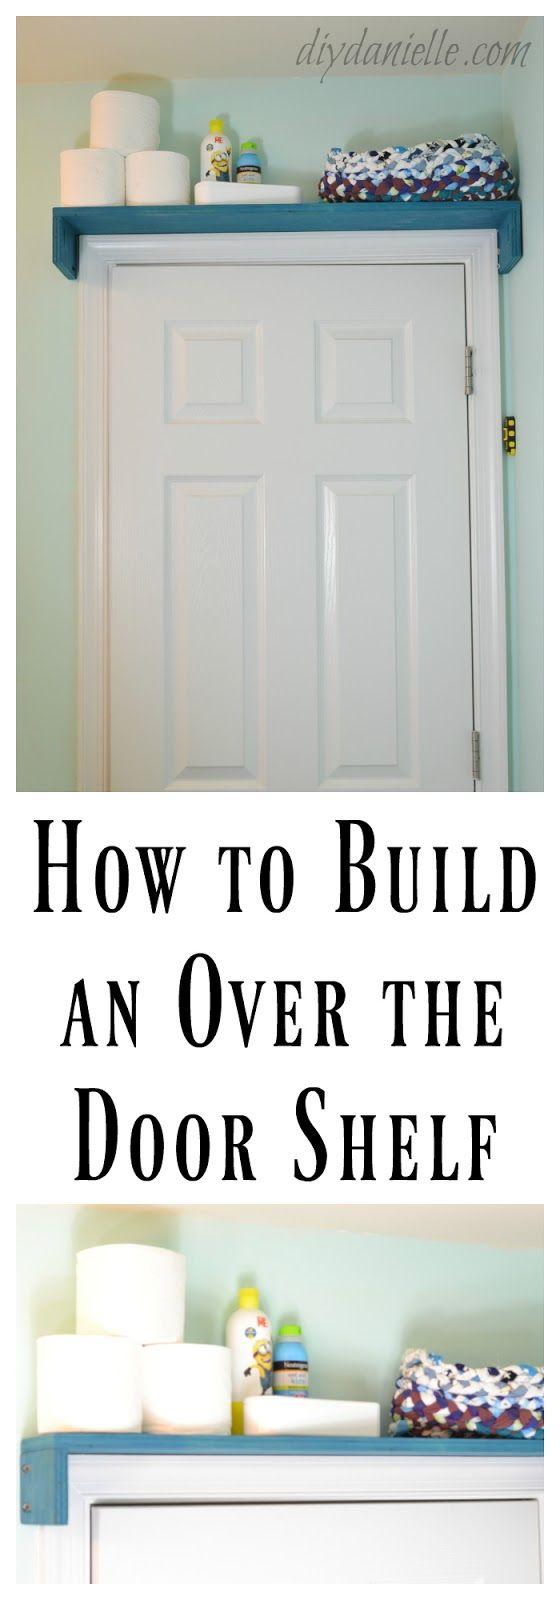 How To Build An Over The Door Shelf